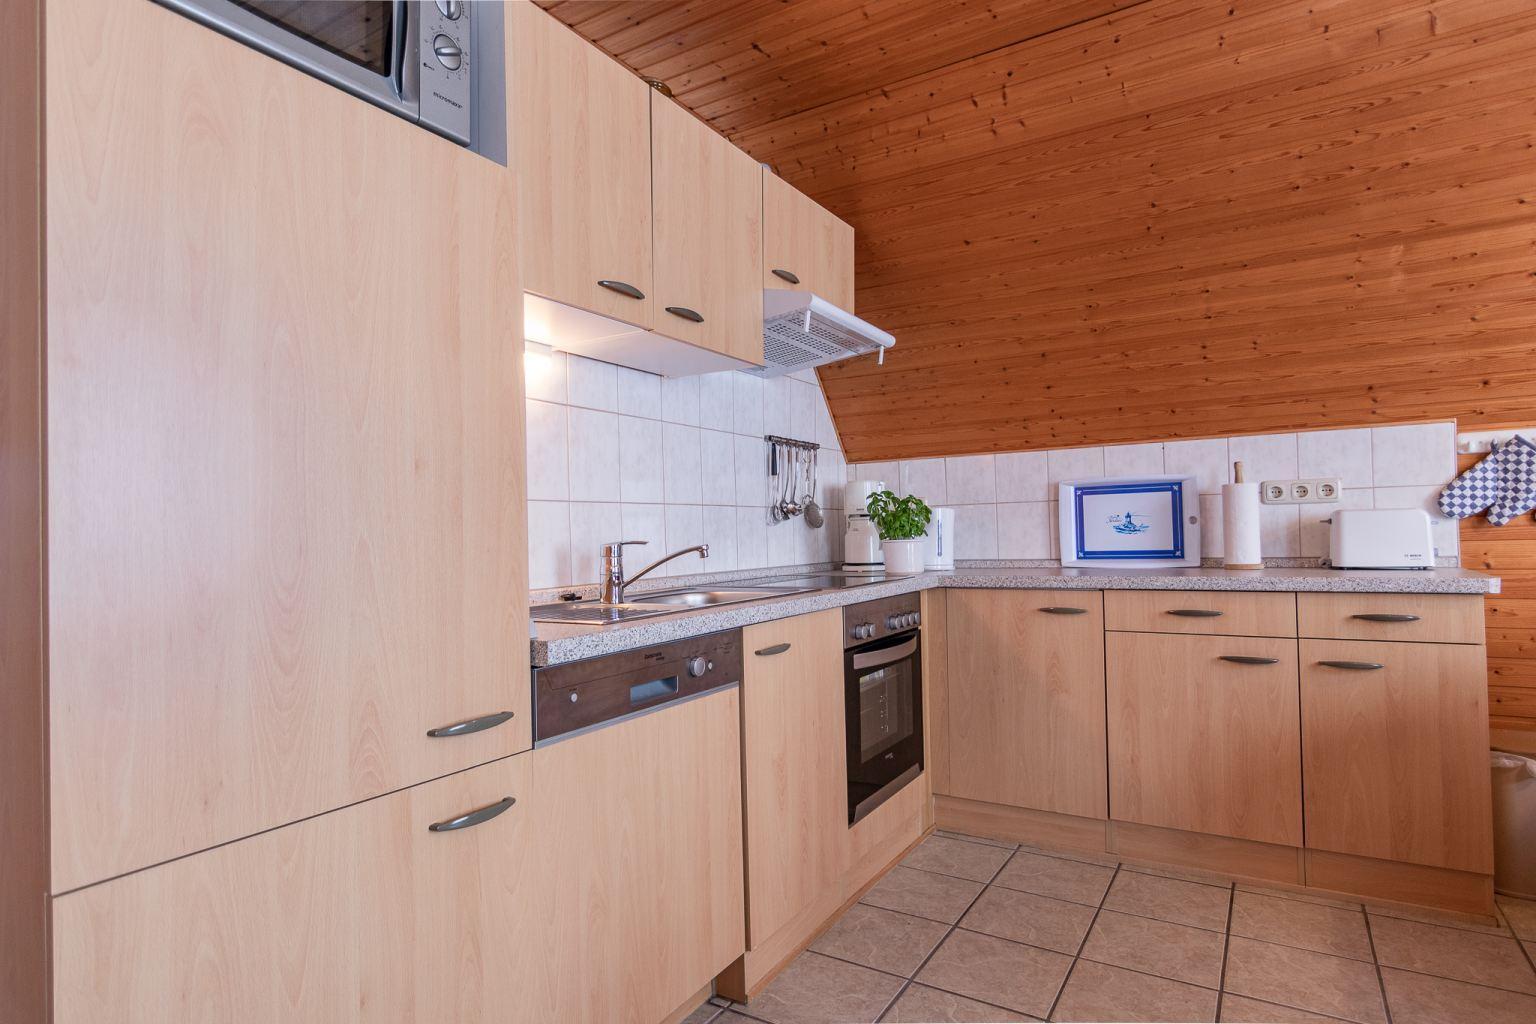 Küche - Haus Sturmmoewe, Wohnung 3, 3-Zimmer-Ferienwohnung, Badallee 27-27a, St. Peter-Dorf